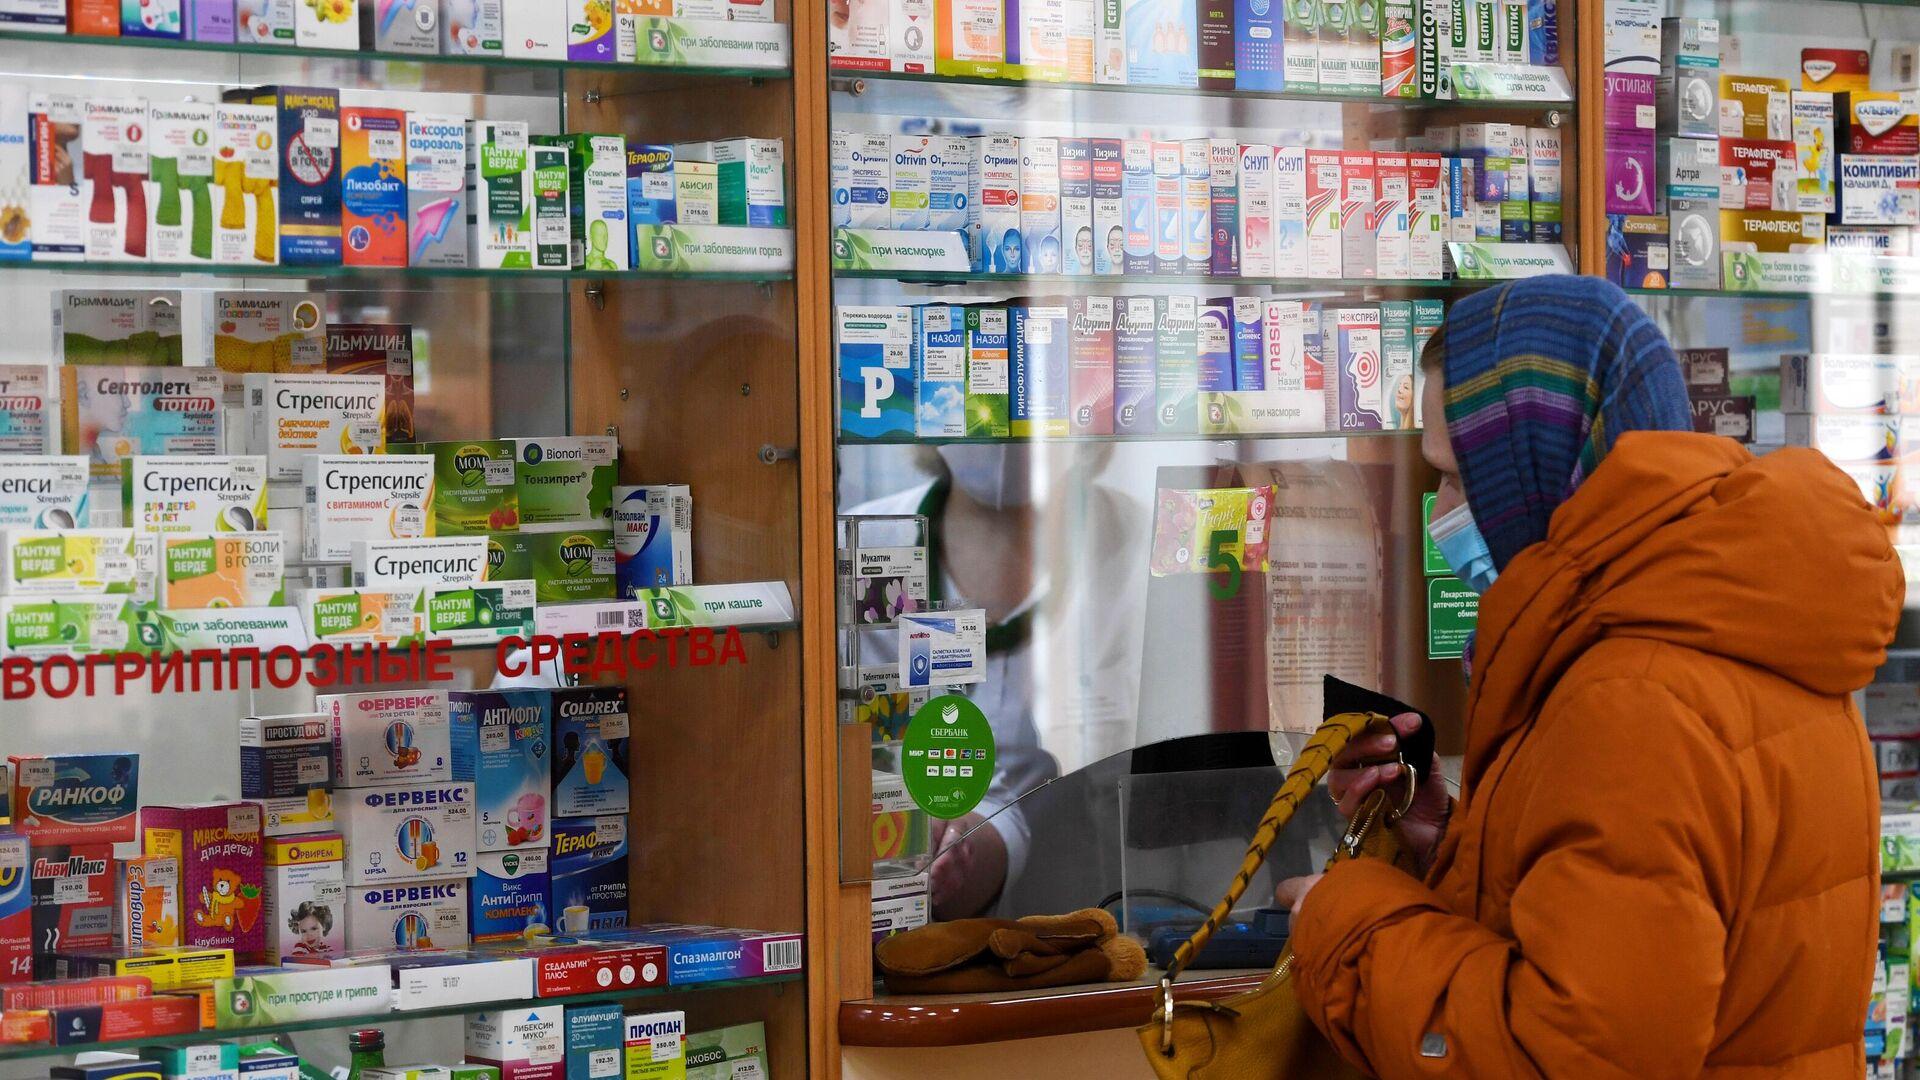 Покупательница в аптеке Новосибирская аптечная сеть на Красном проспекте в Новосибирске - РИА Новости, 1920, 06.07.2021